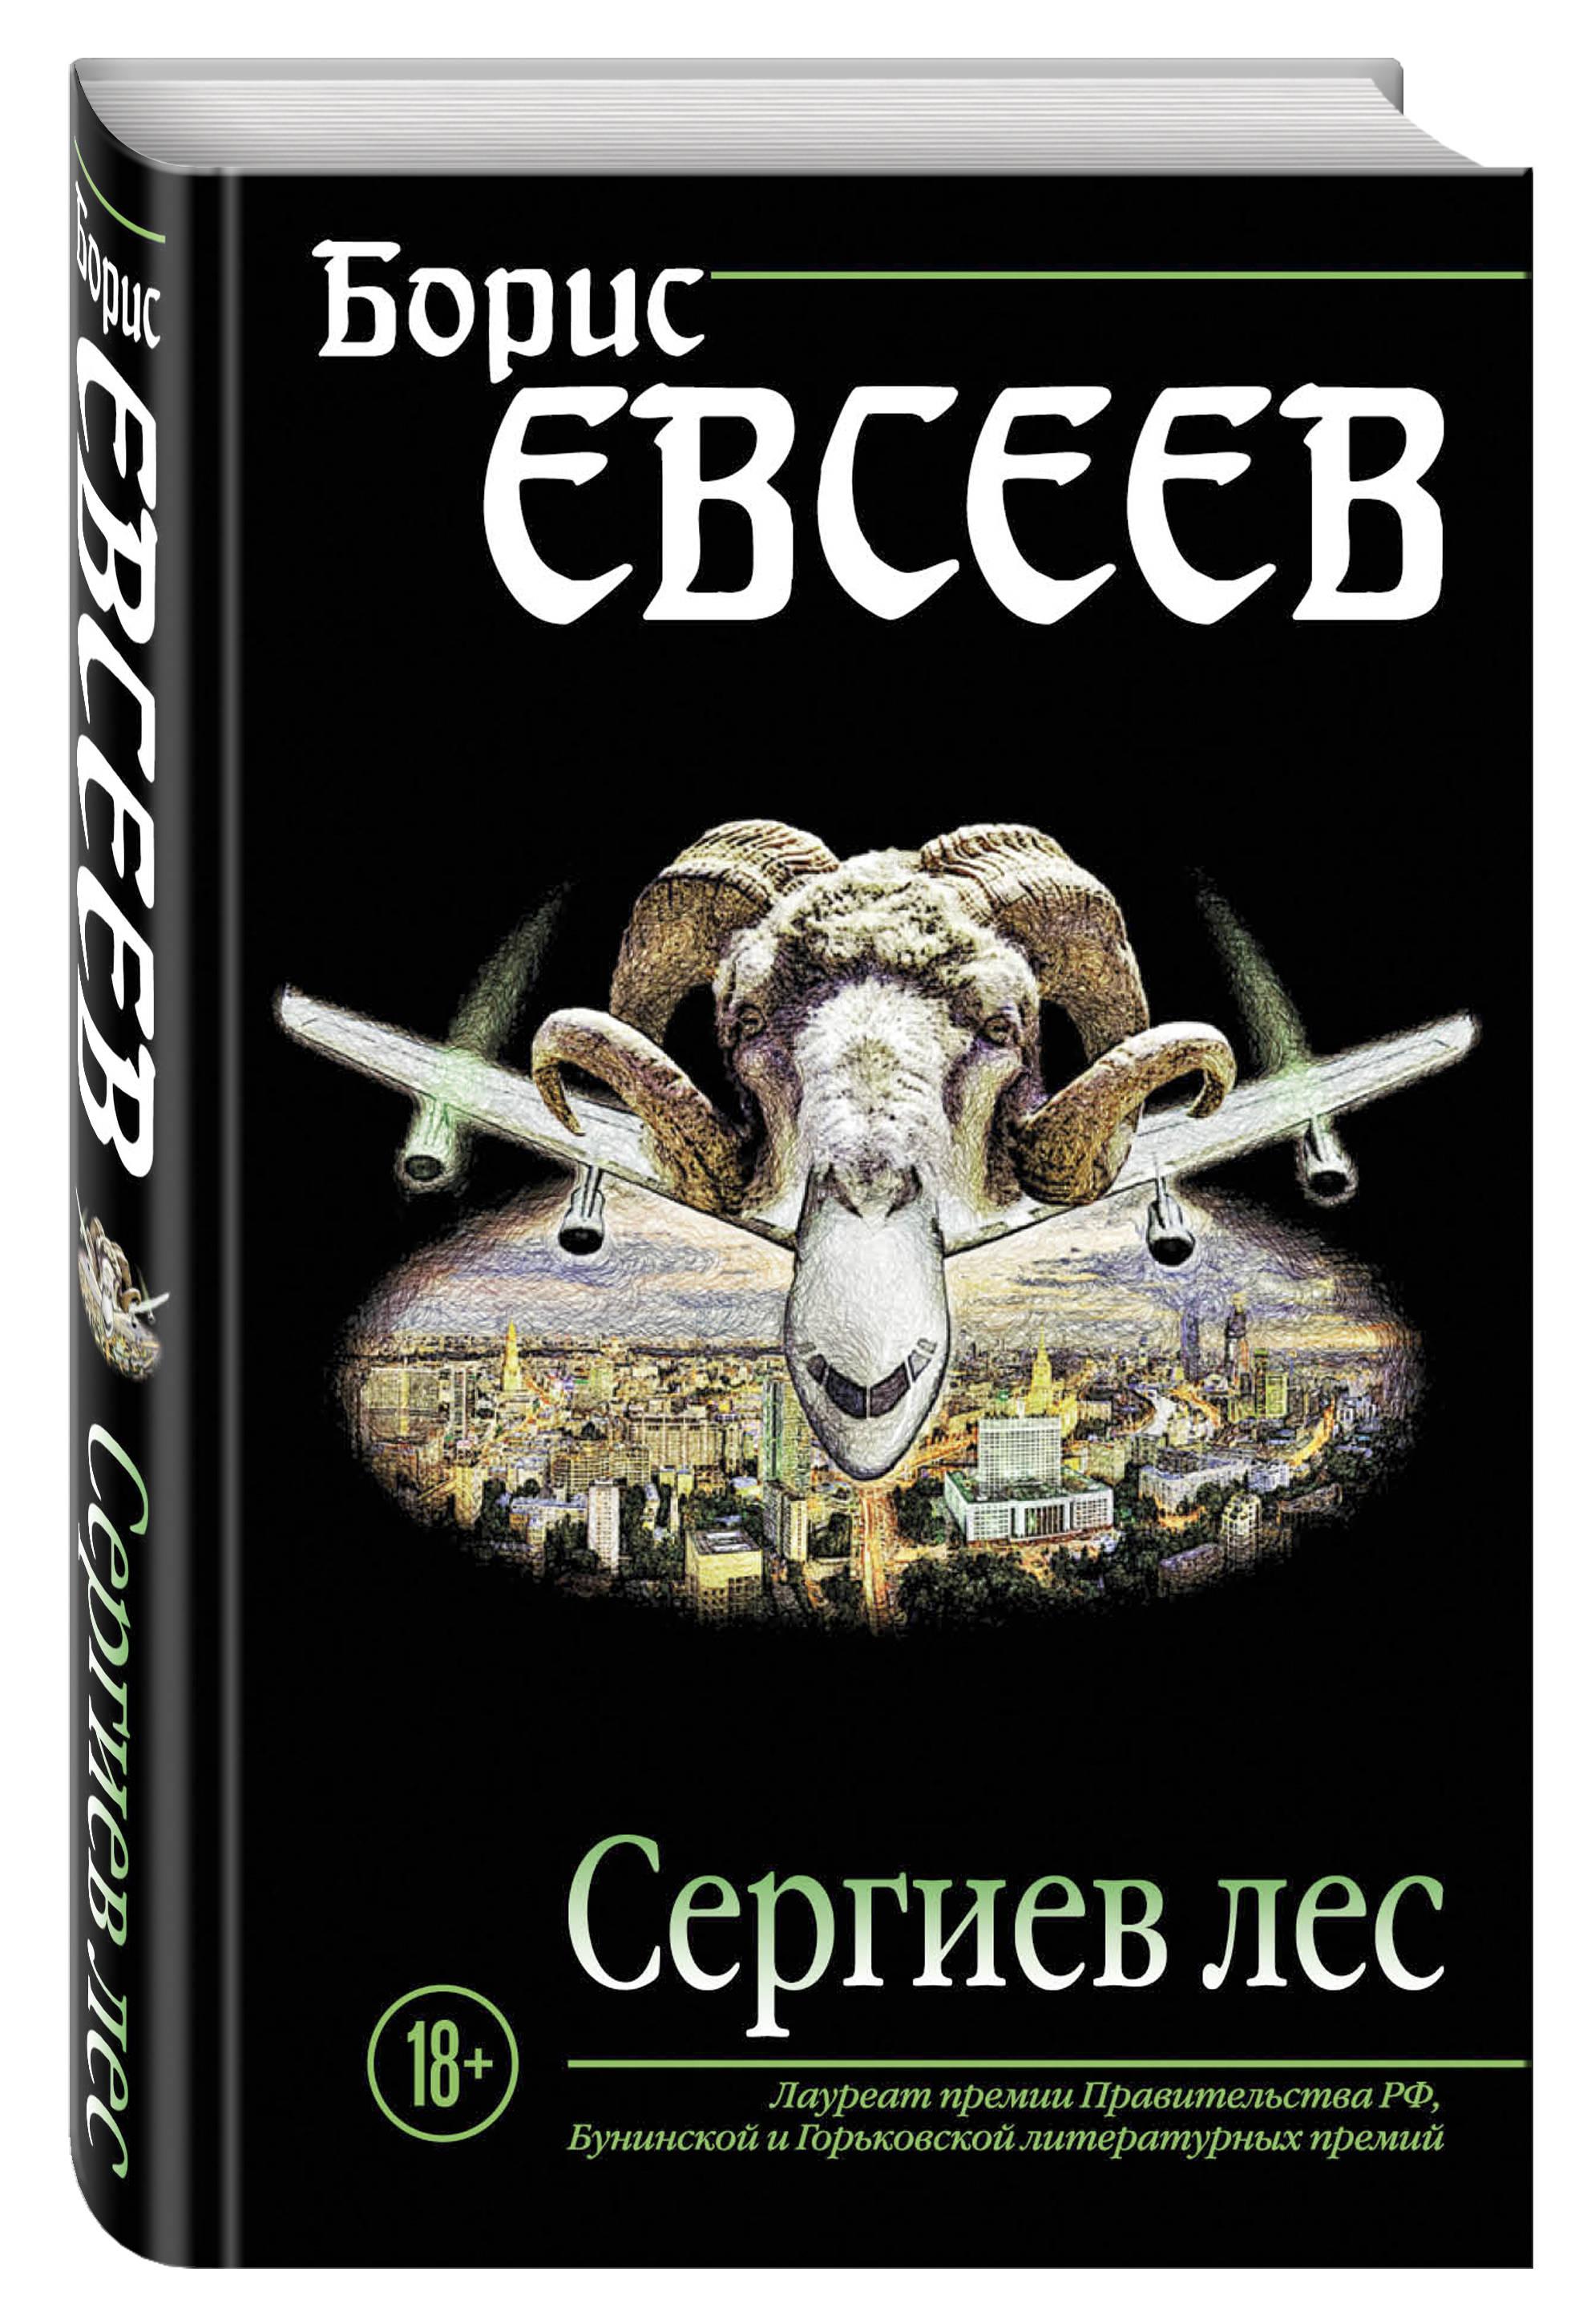 Евсеев Б.Т. Сергиев лес борис евсеев чайковский или волшебное перо